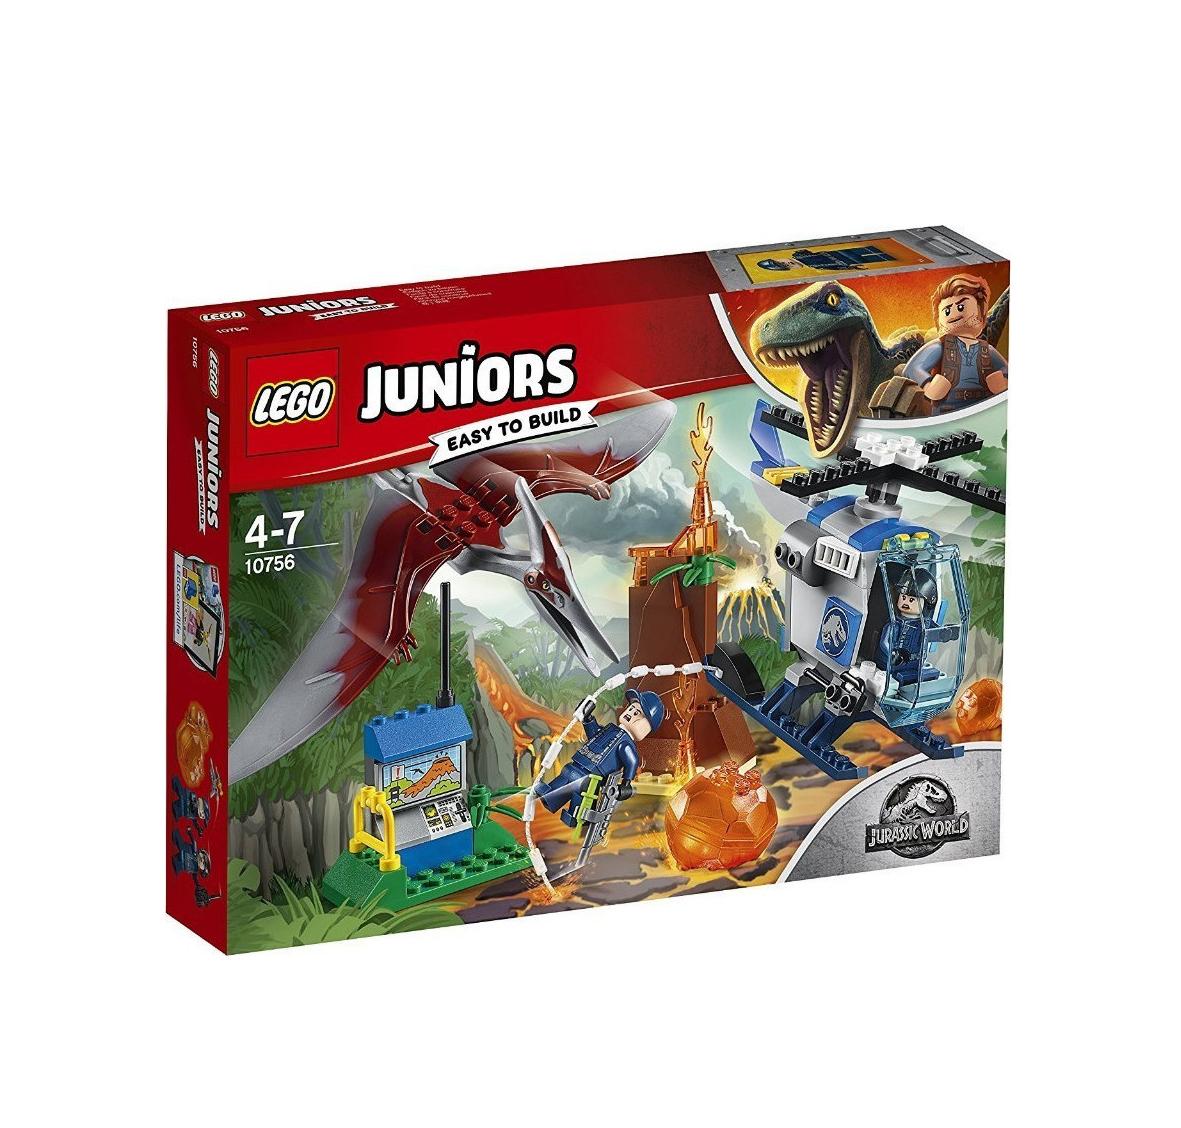 Lego Juniors: Jurassic World Pteranodon Escape 10756